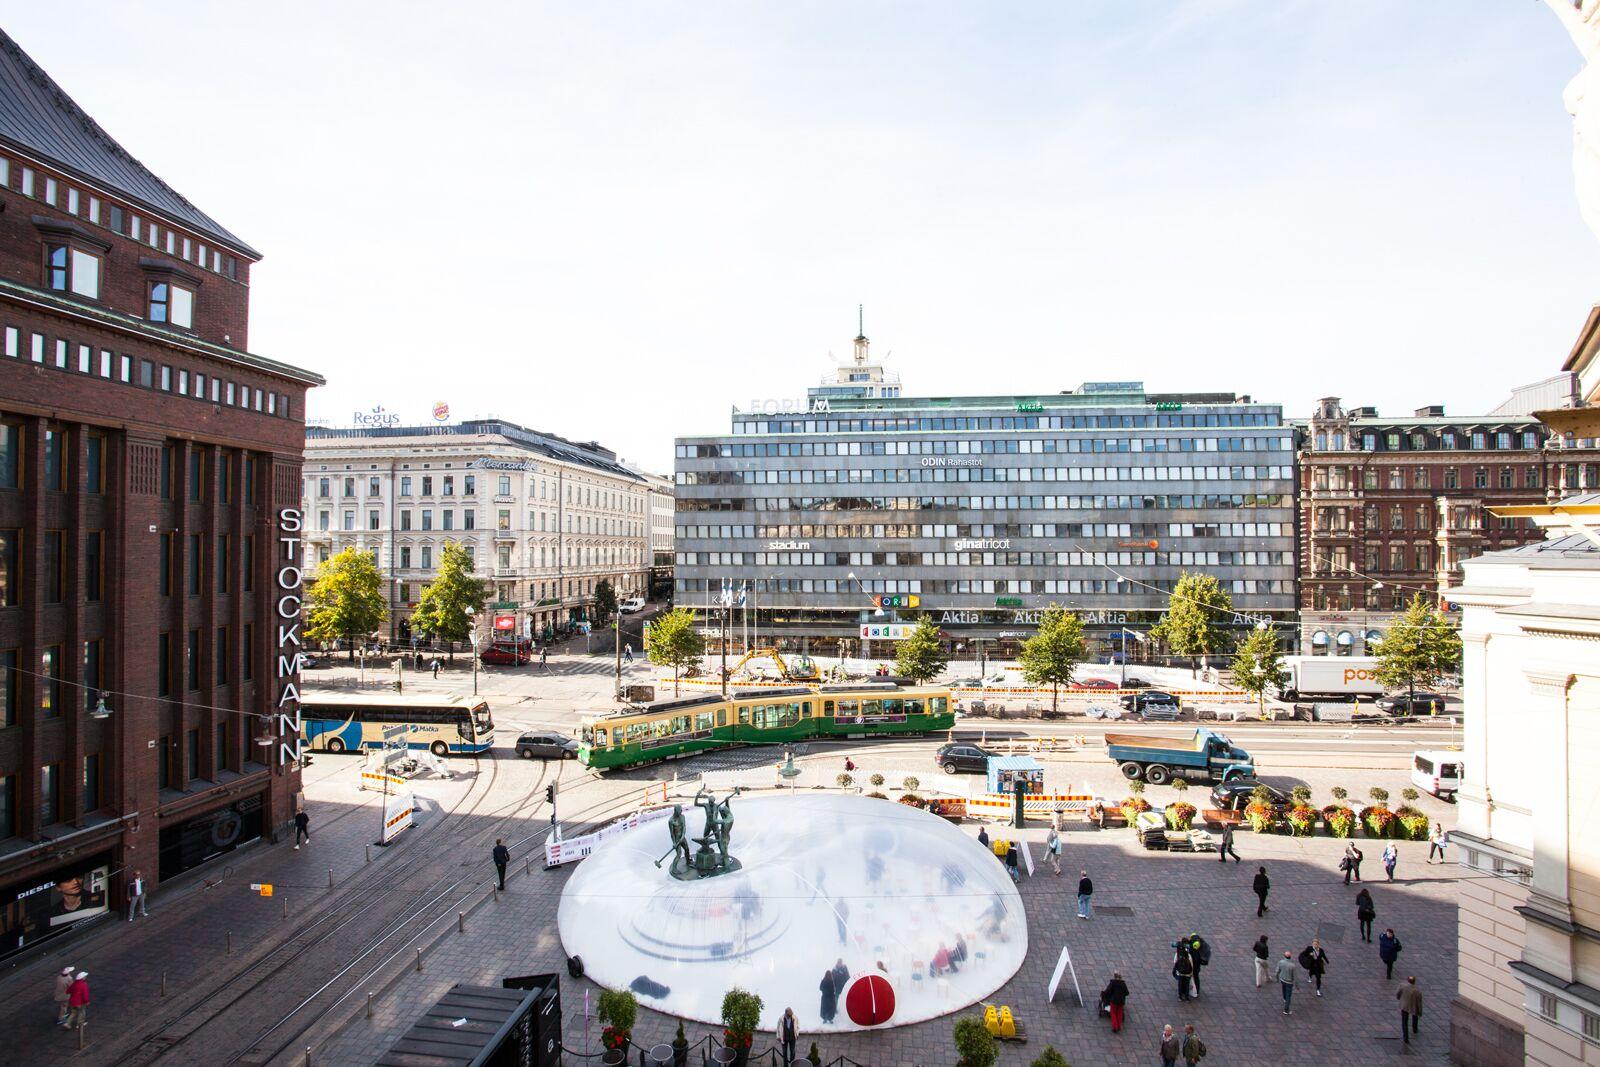 Helsinki Design Week - September 5-15, 2019